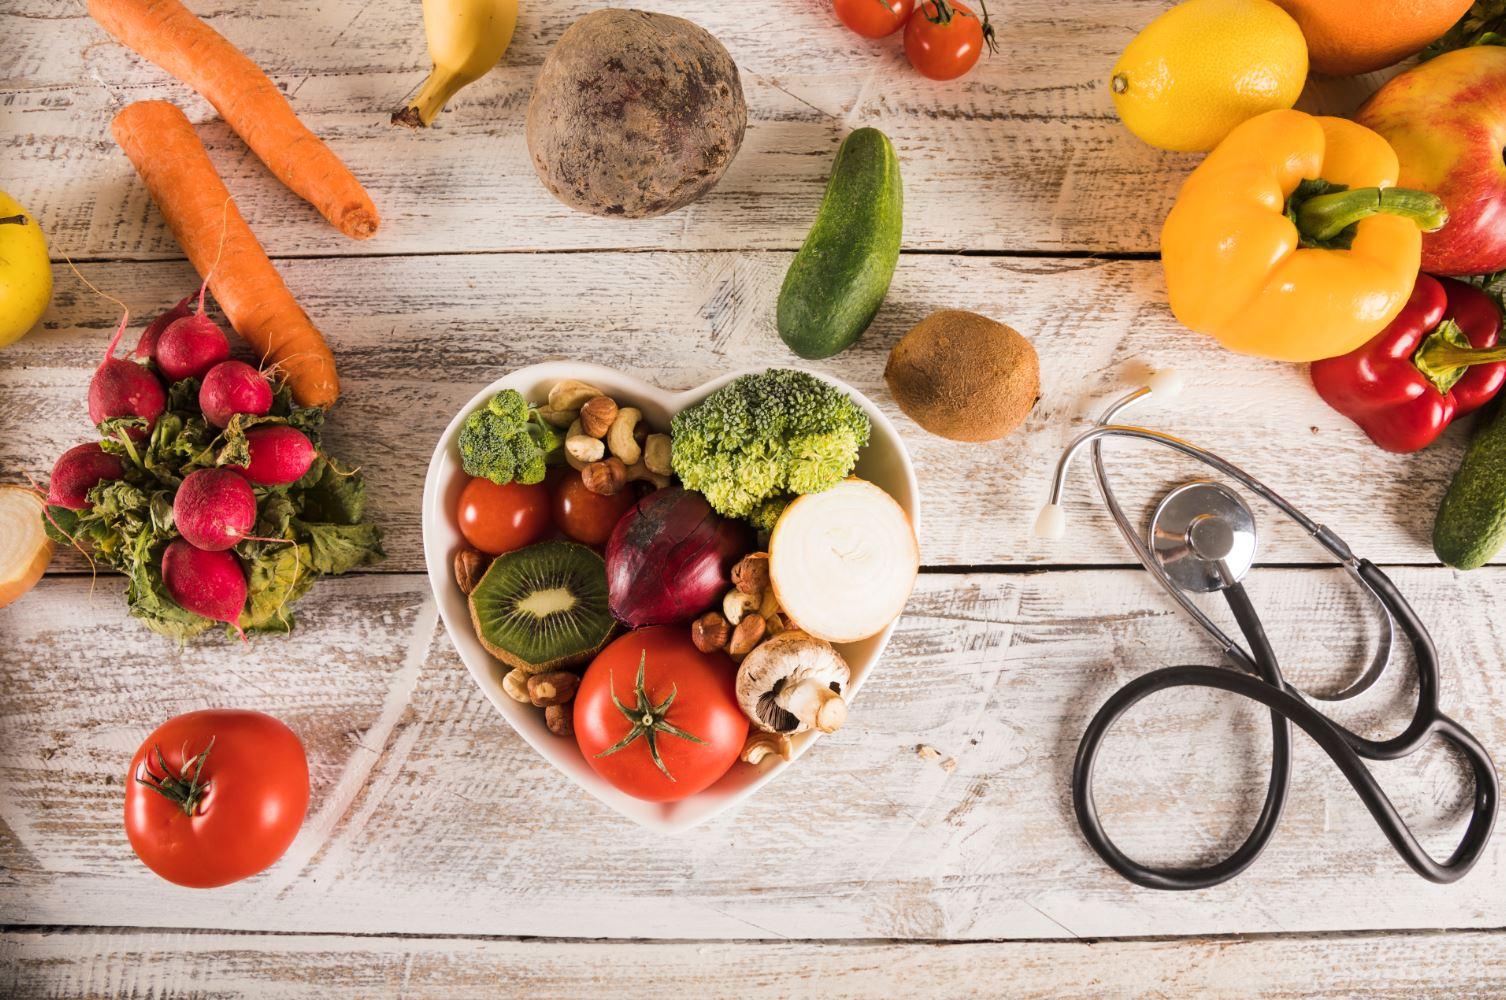 Cómo seguir una dieta saludable - Mutua Universal